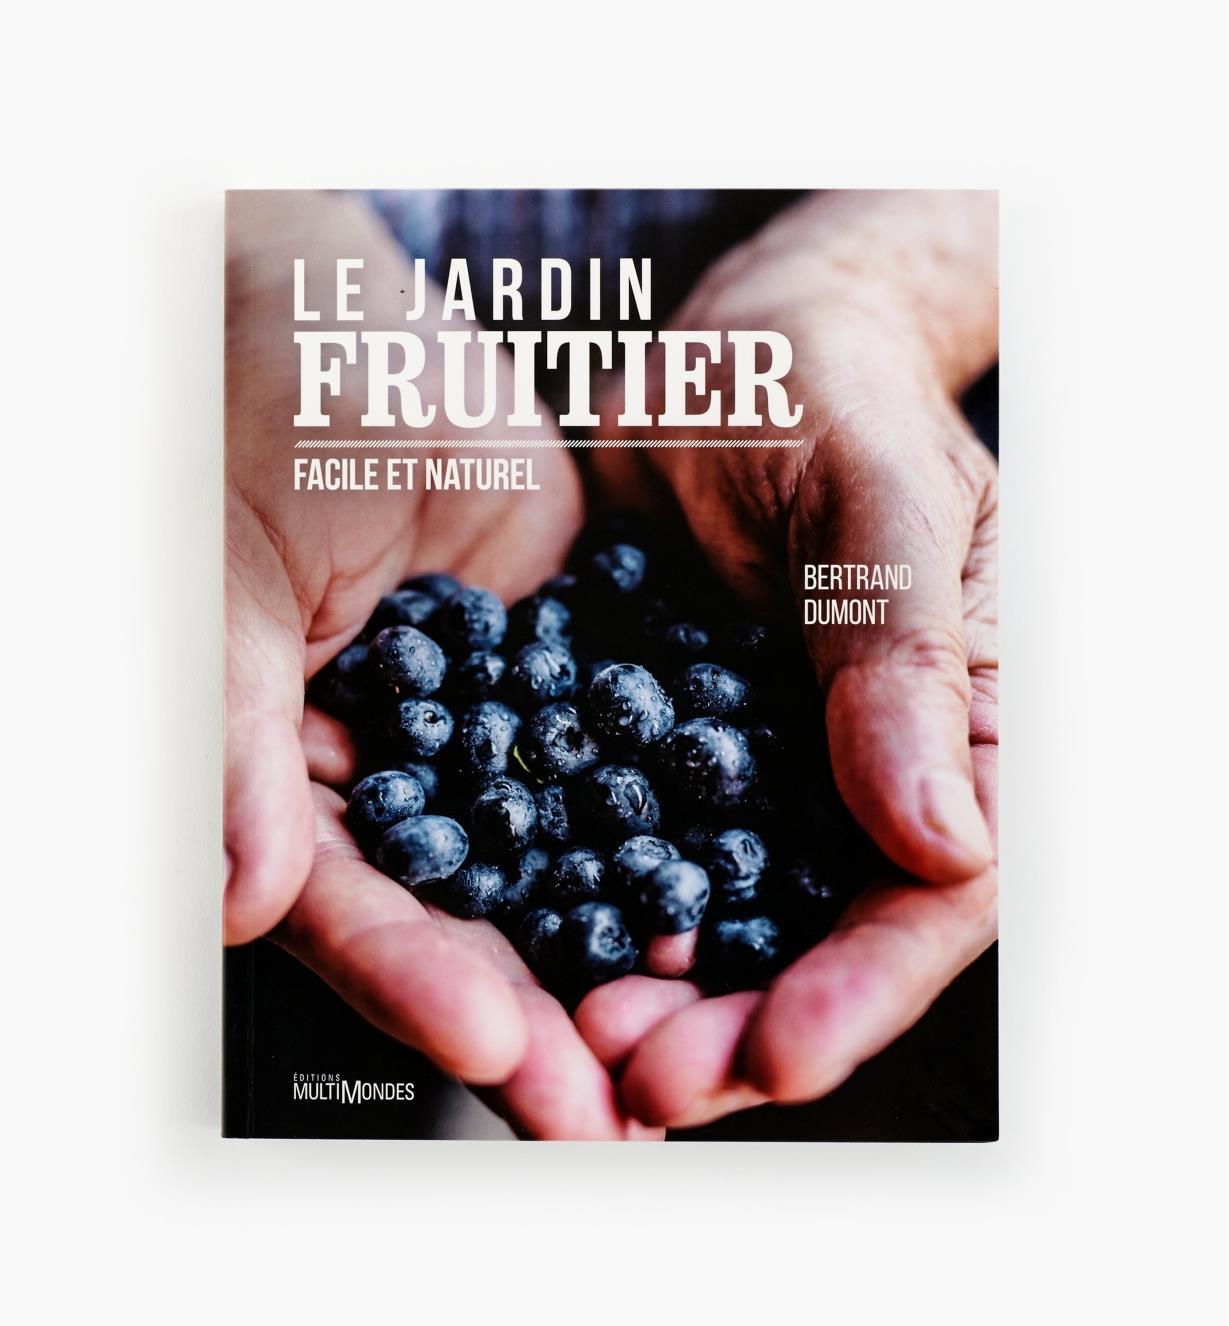 LD900 - Le jardin fruitier